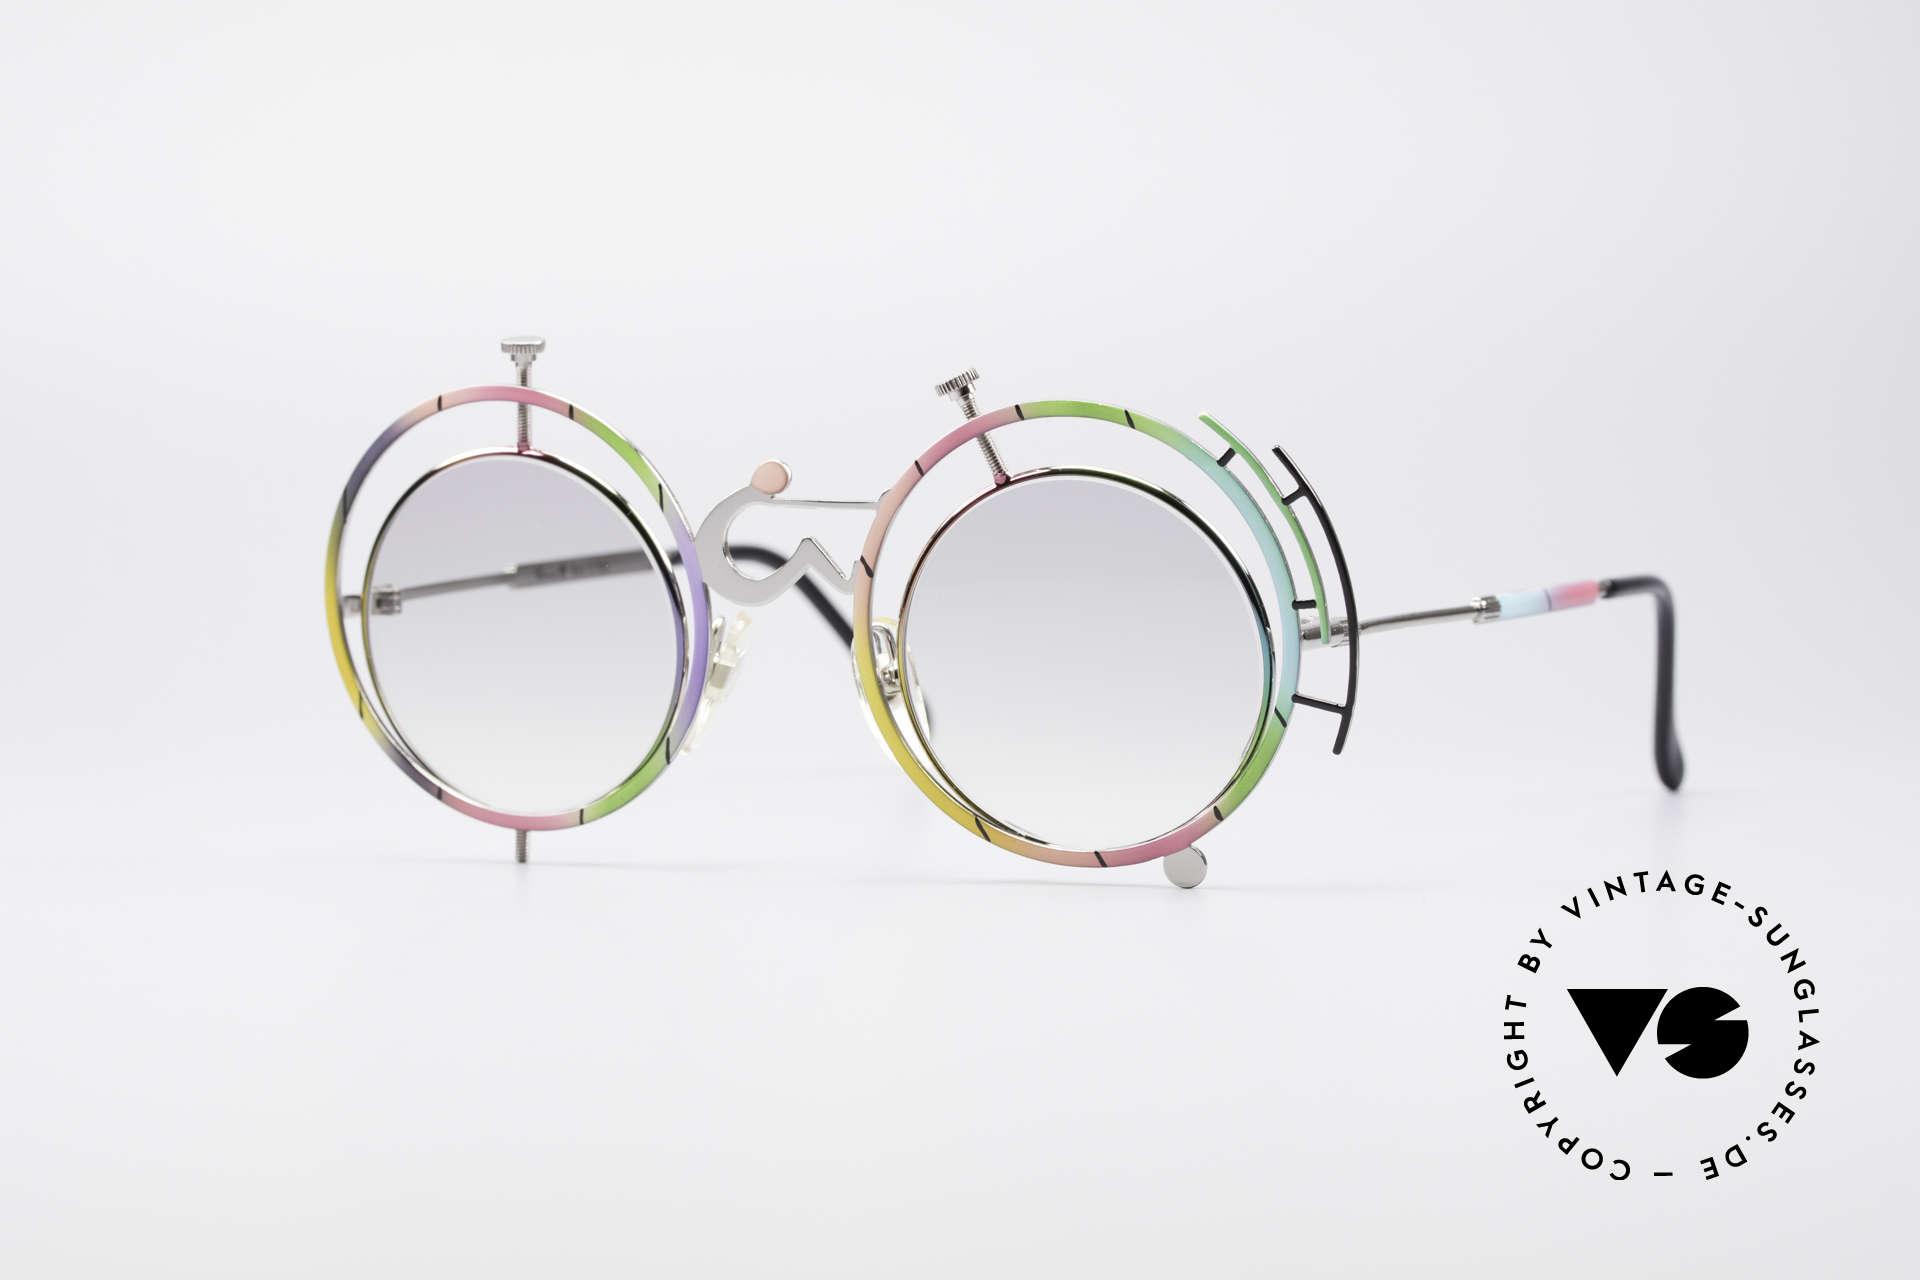 Casanova SC3 Simbolismo Stillstand der Zeit, vintage 80er Jahre Kunst-Designerbrille von Casanova, Passend für Herren und Damen